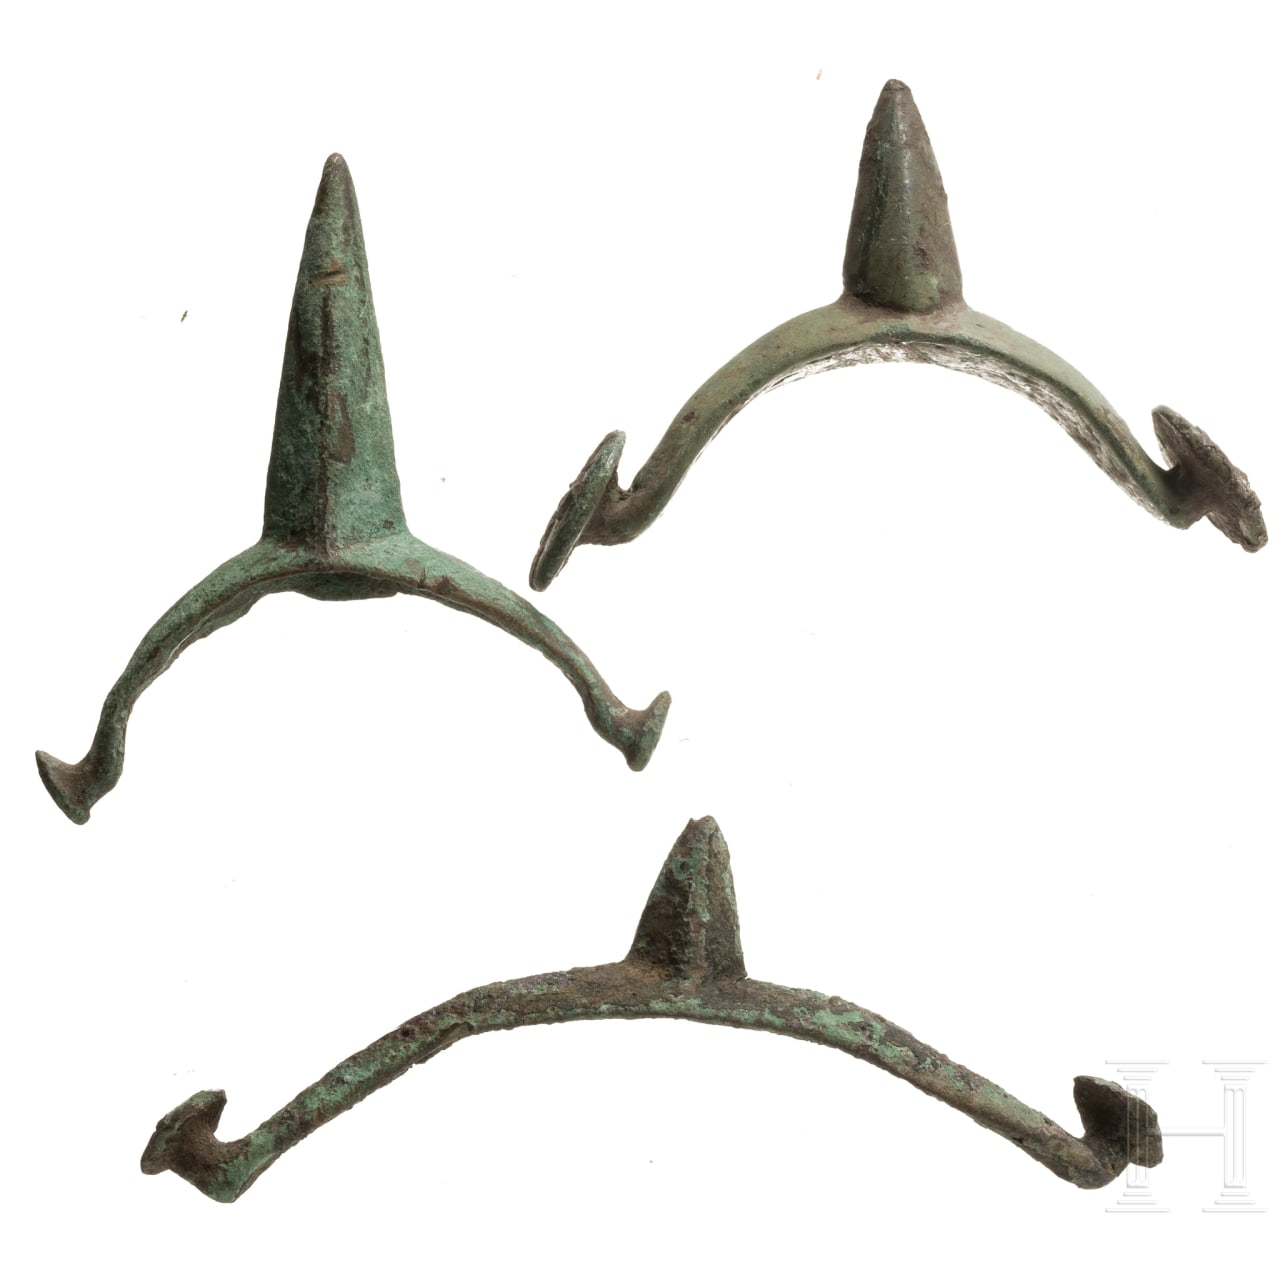 Drei spätkeltische bronzene Sporen, 1. Jhdt. v. Chr.